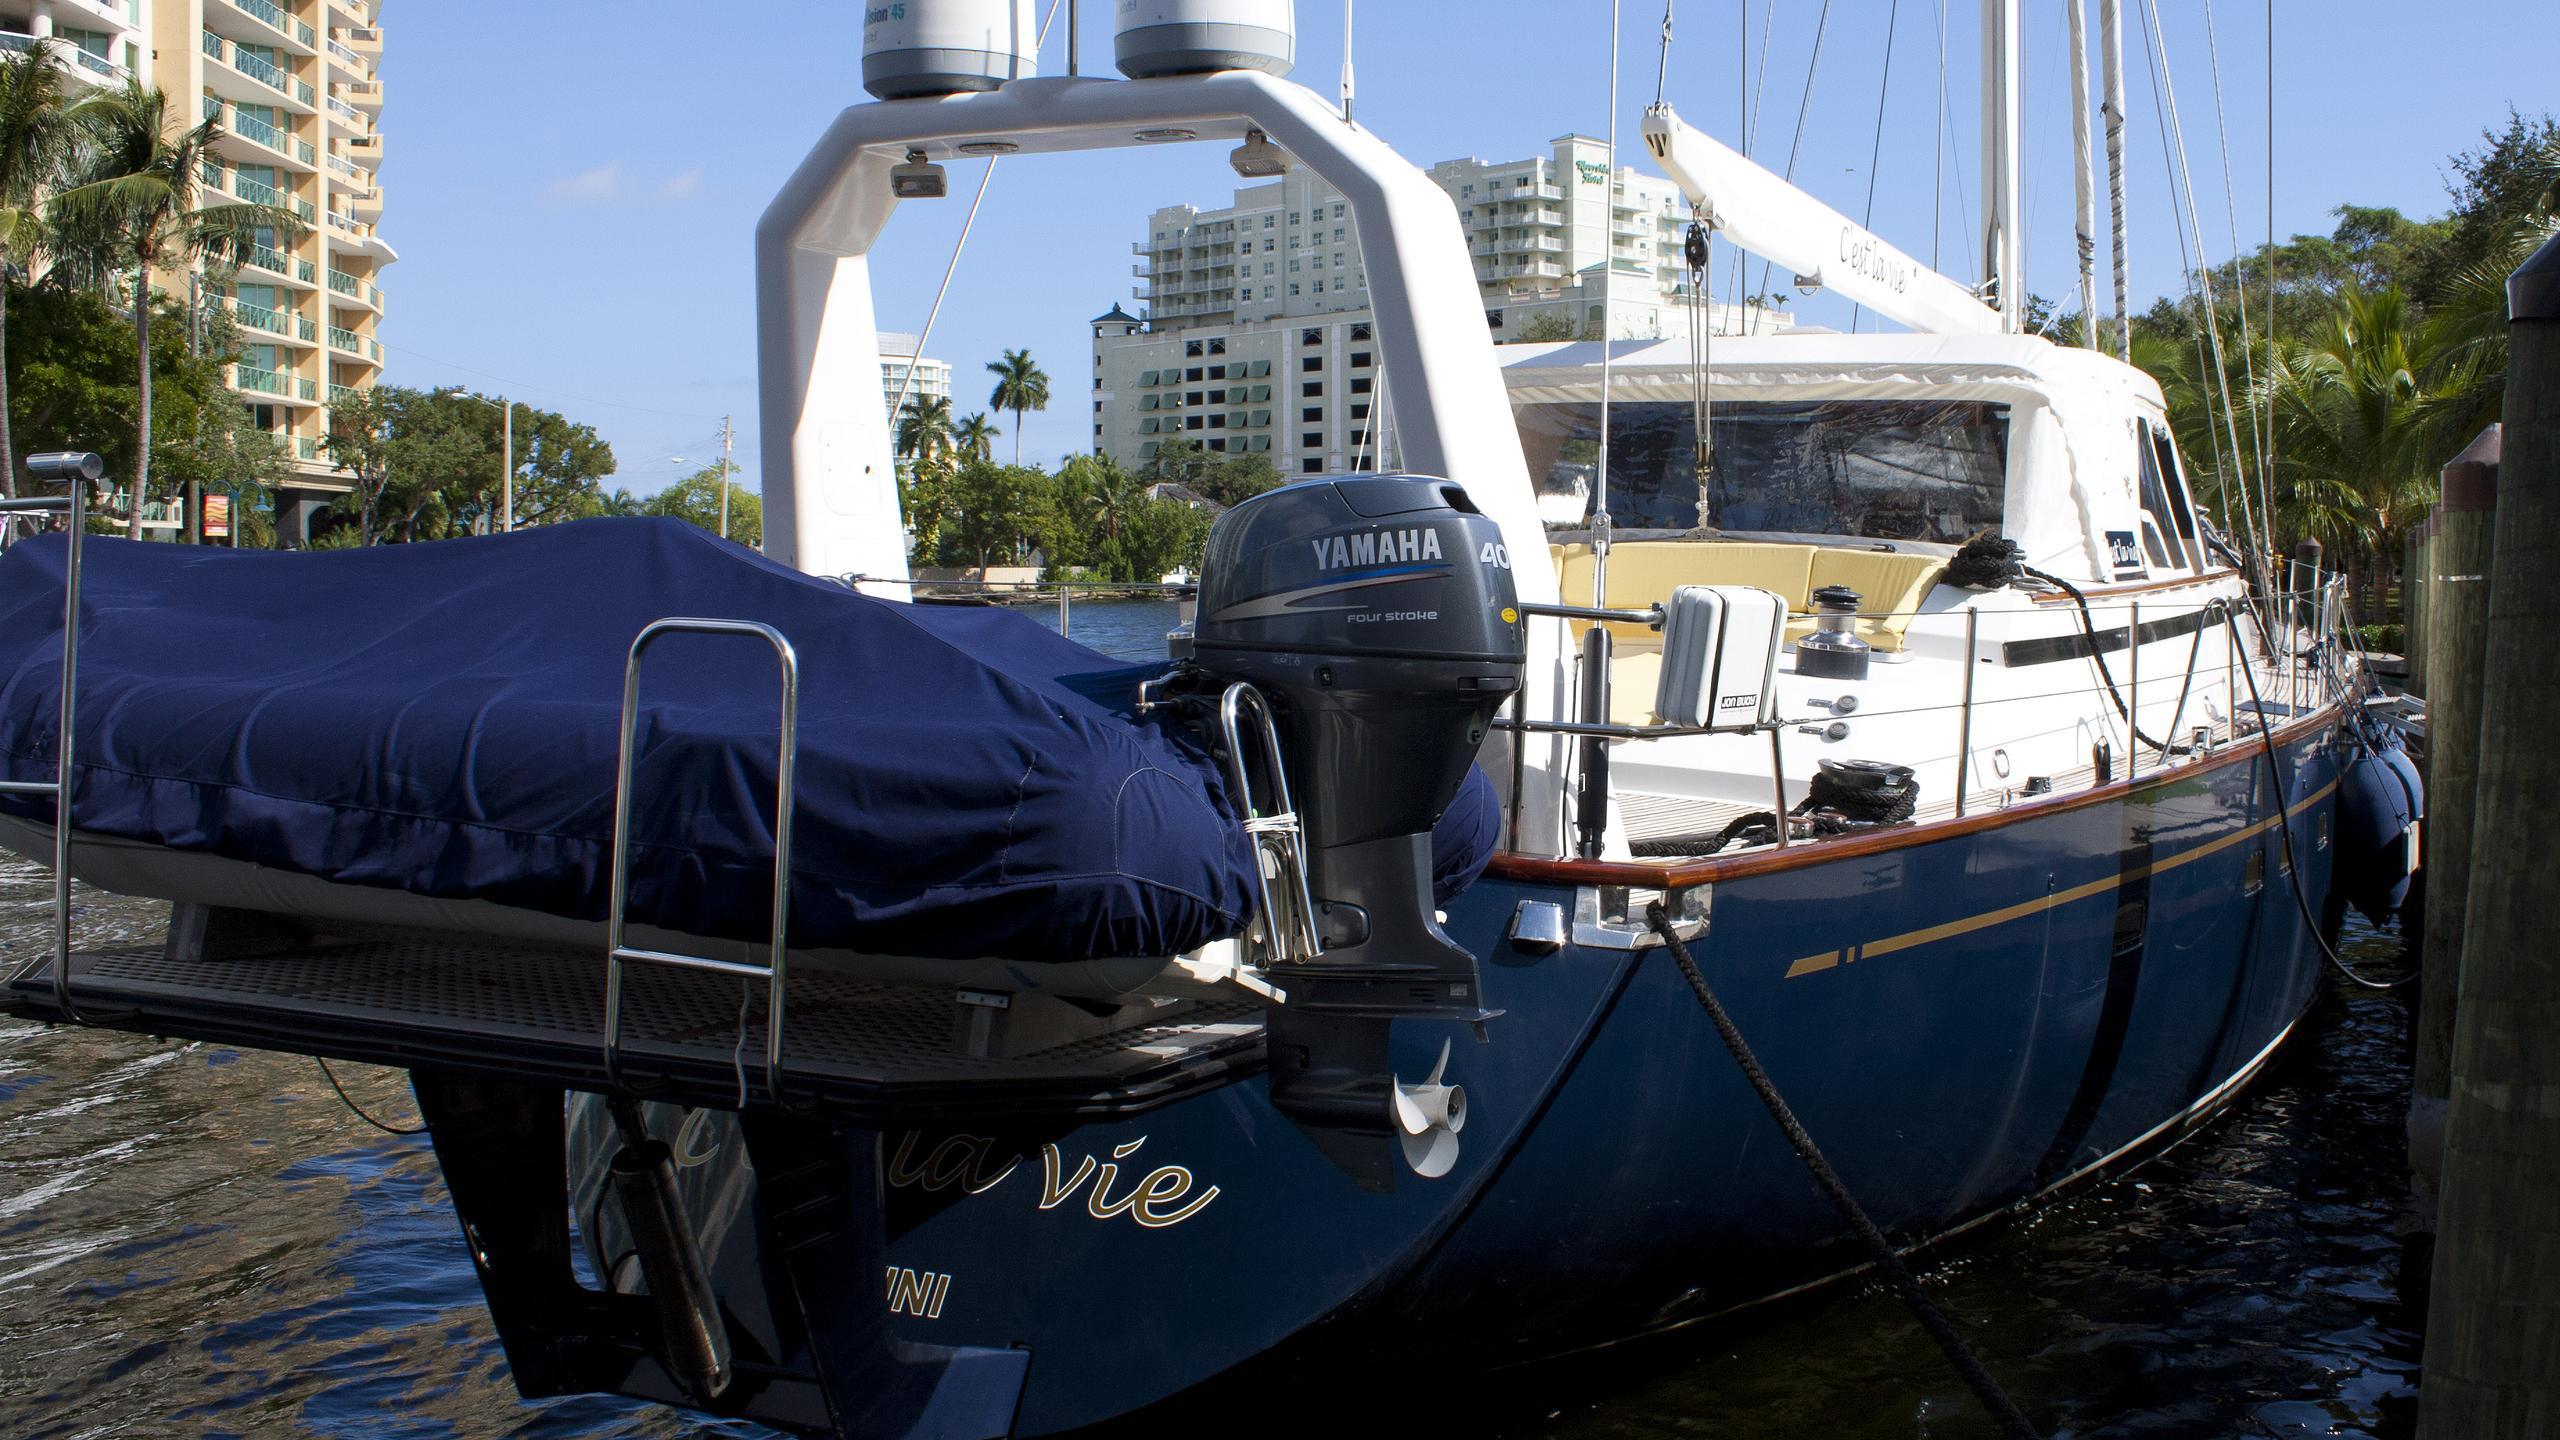 cest-la-vie-sailing-yacht-cim-maxi-88-1988-30m-yard